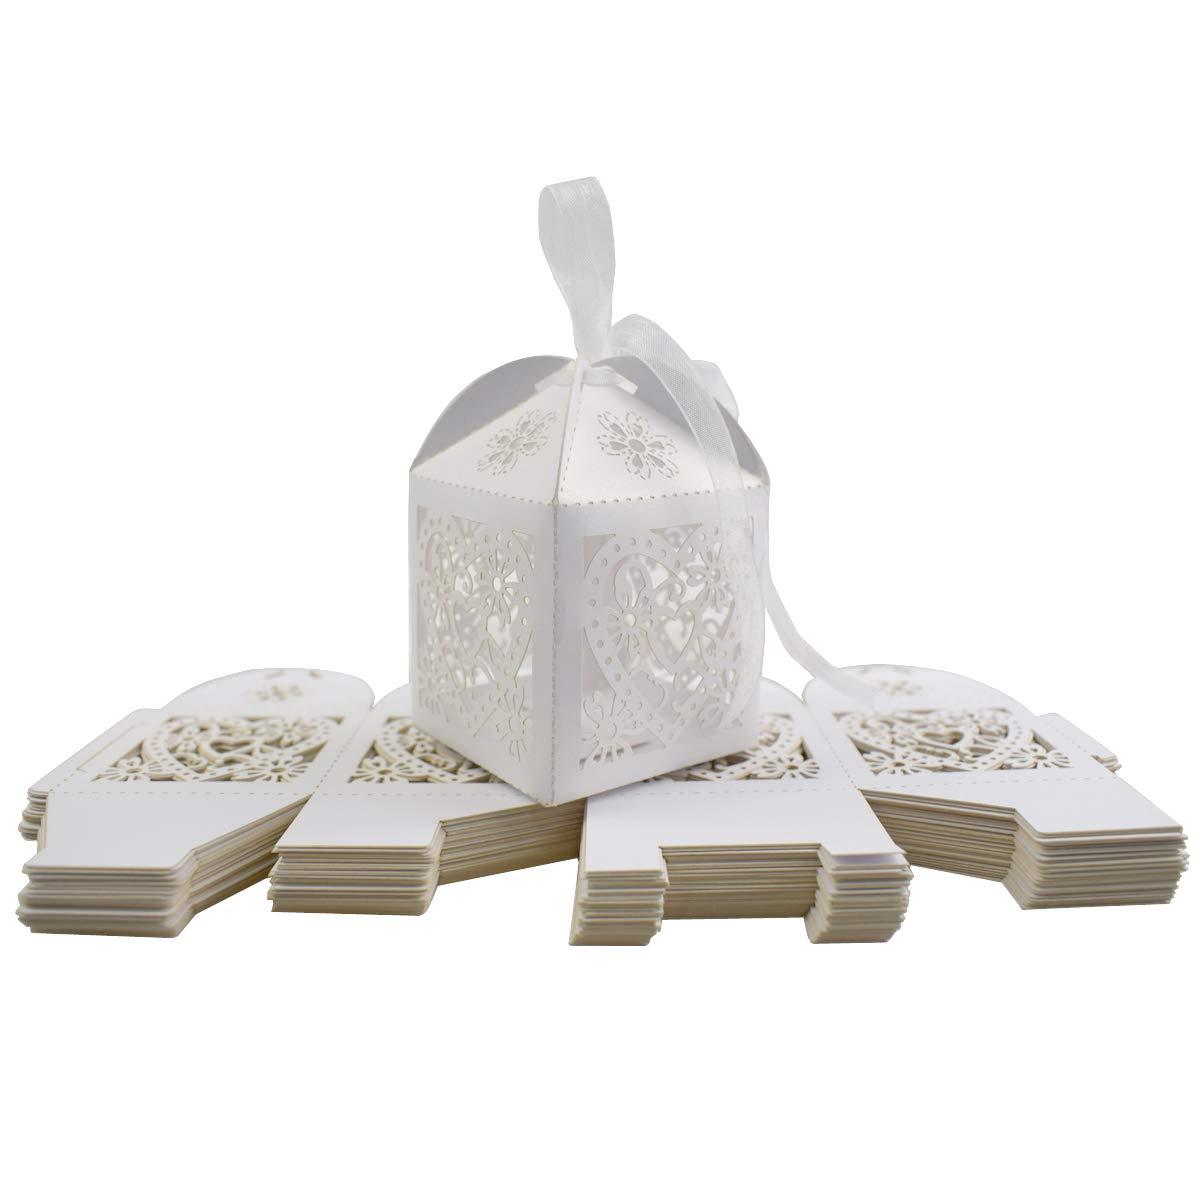 Gudotra 100pz Scatole Carta Kraft Bianca+30M Corda+100pz Bigliettini Scatoline Portaconfetti per Confetti Matrimonio Battesimo Compleanno Natale Laurea Invito Regalo 6 * 9cm